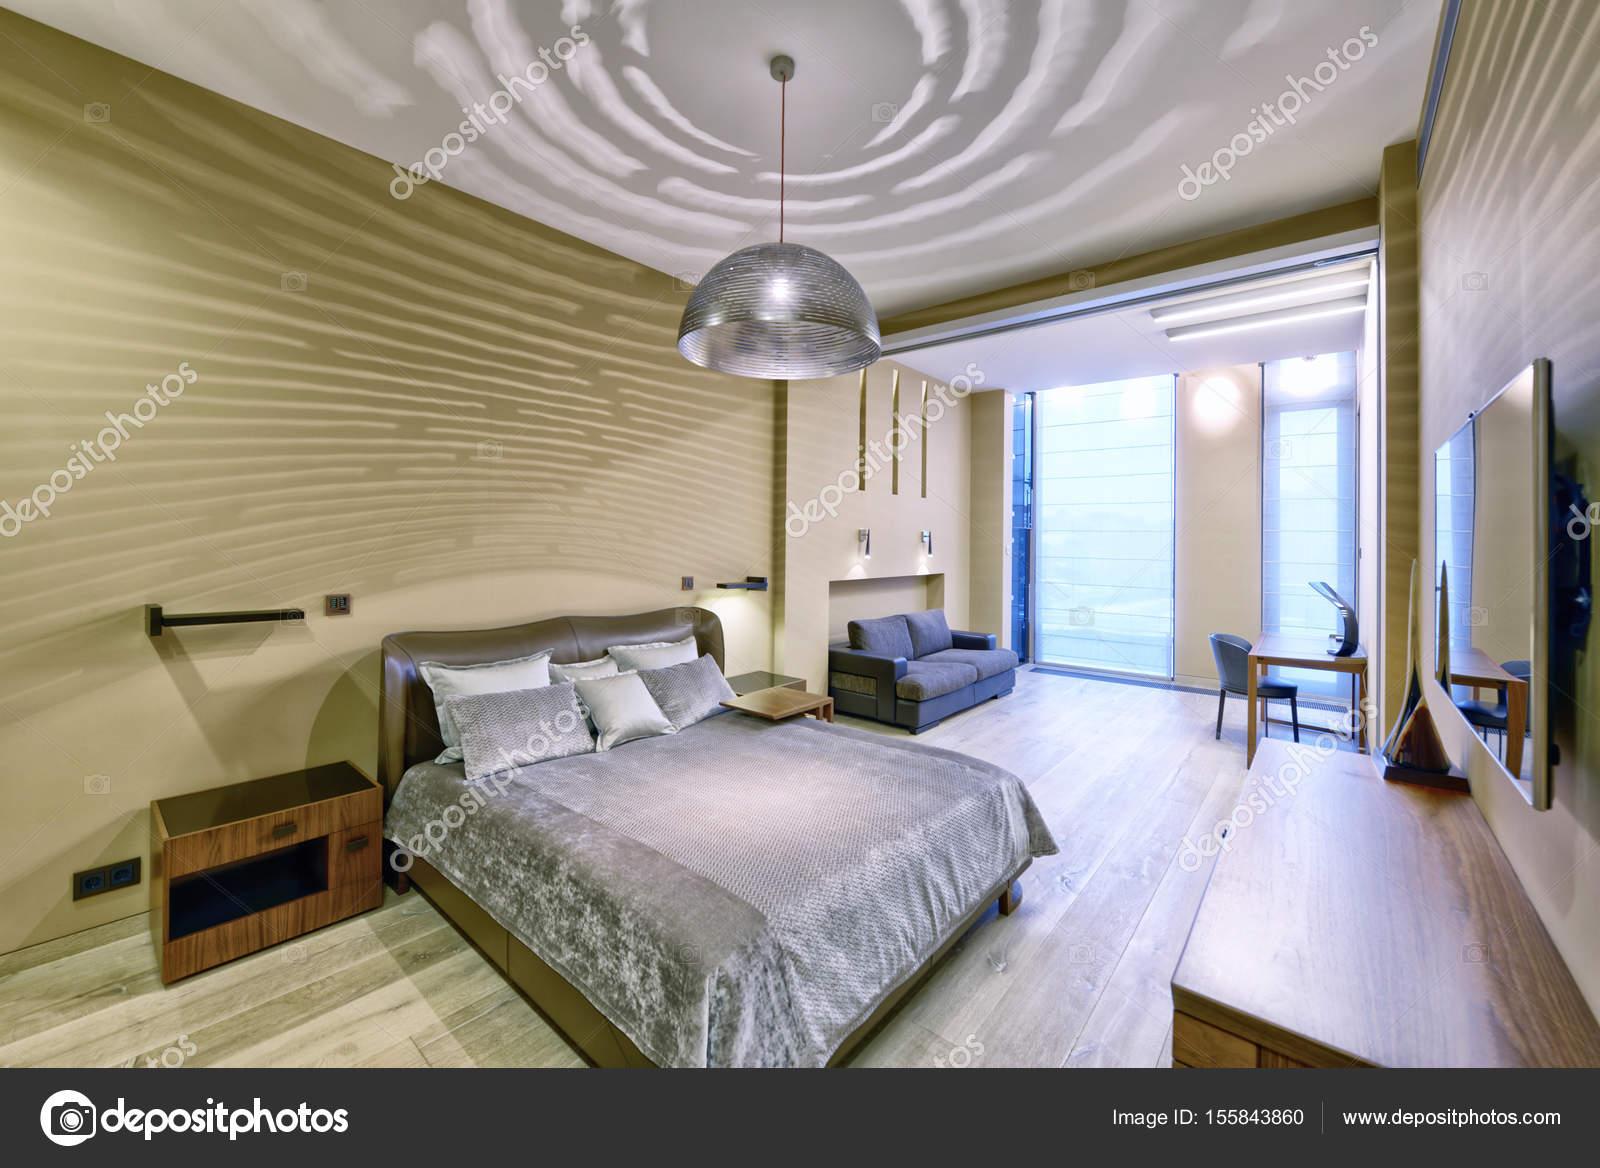 Raumgestaltung Schlafzimmer — Stockfoto © ovchinnikovfoto #155843860